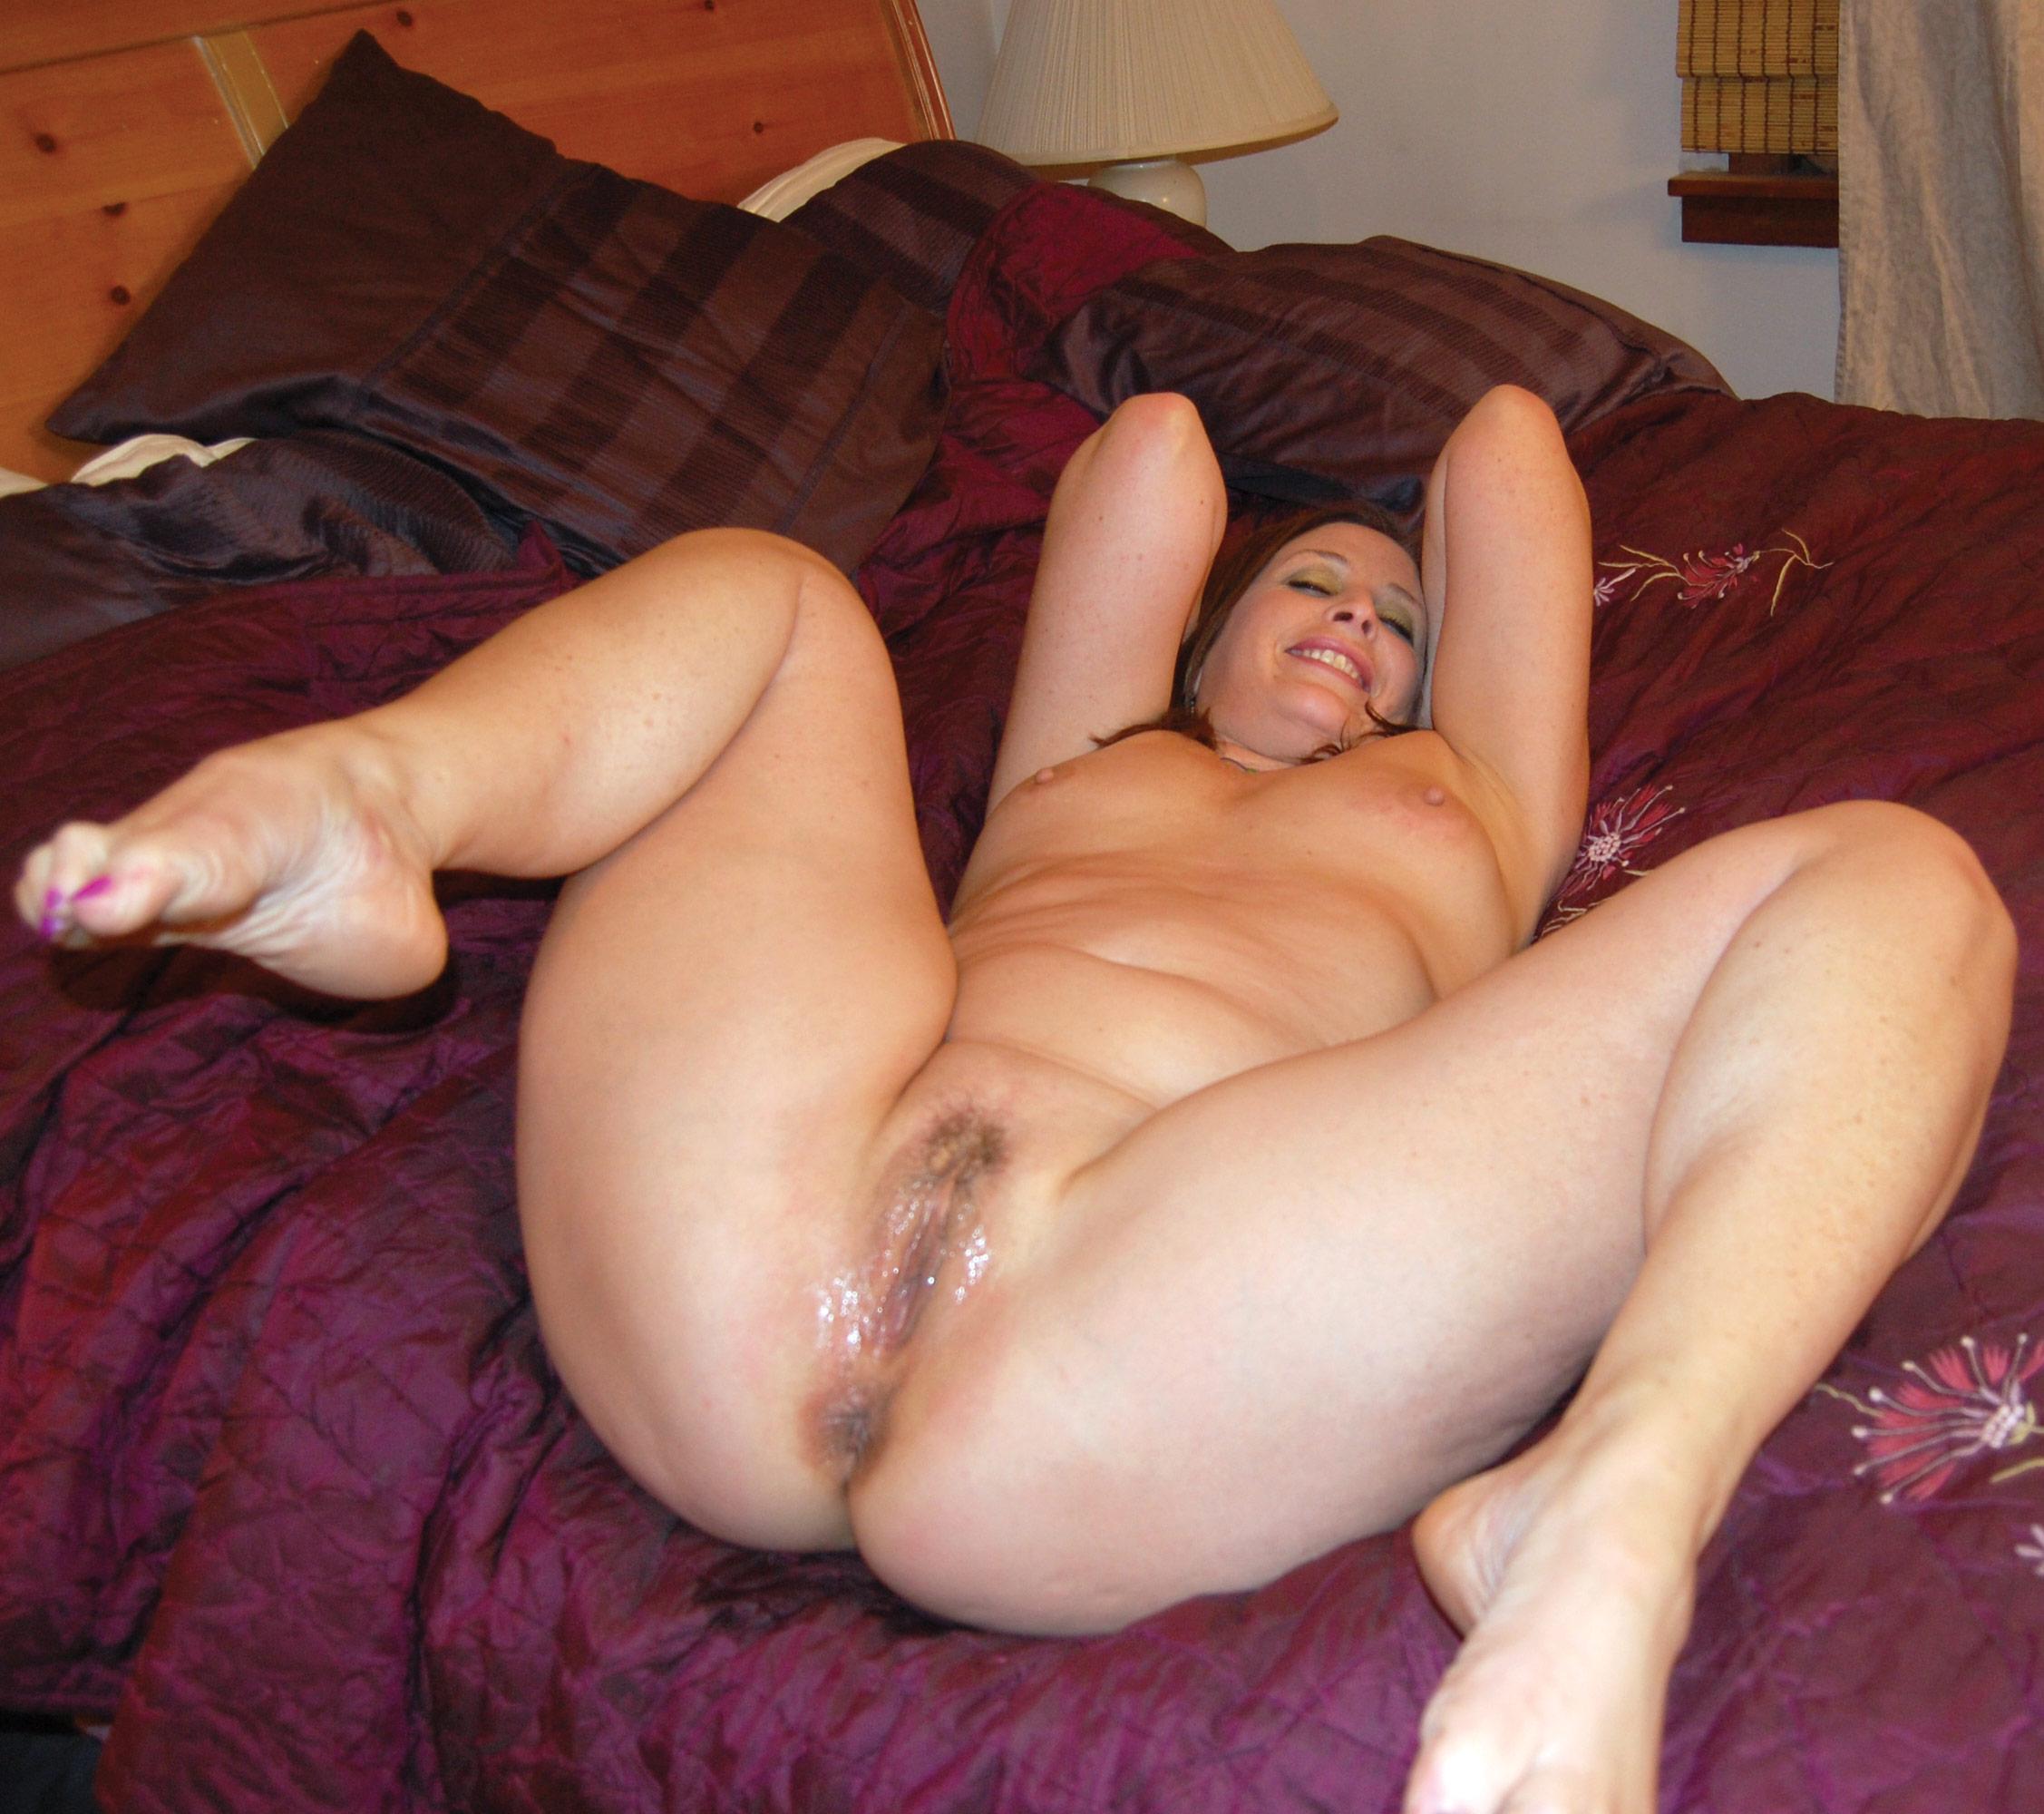 Amature creampie porn